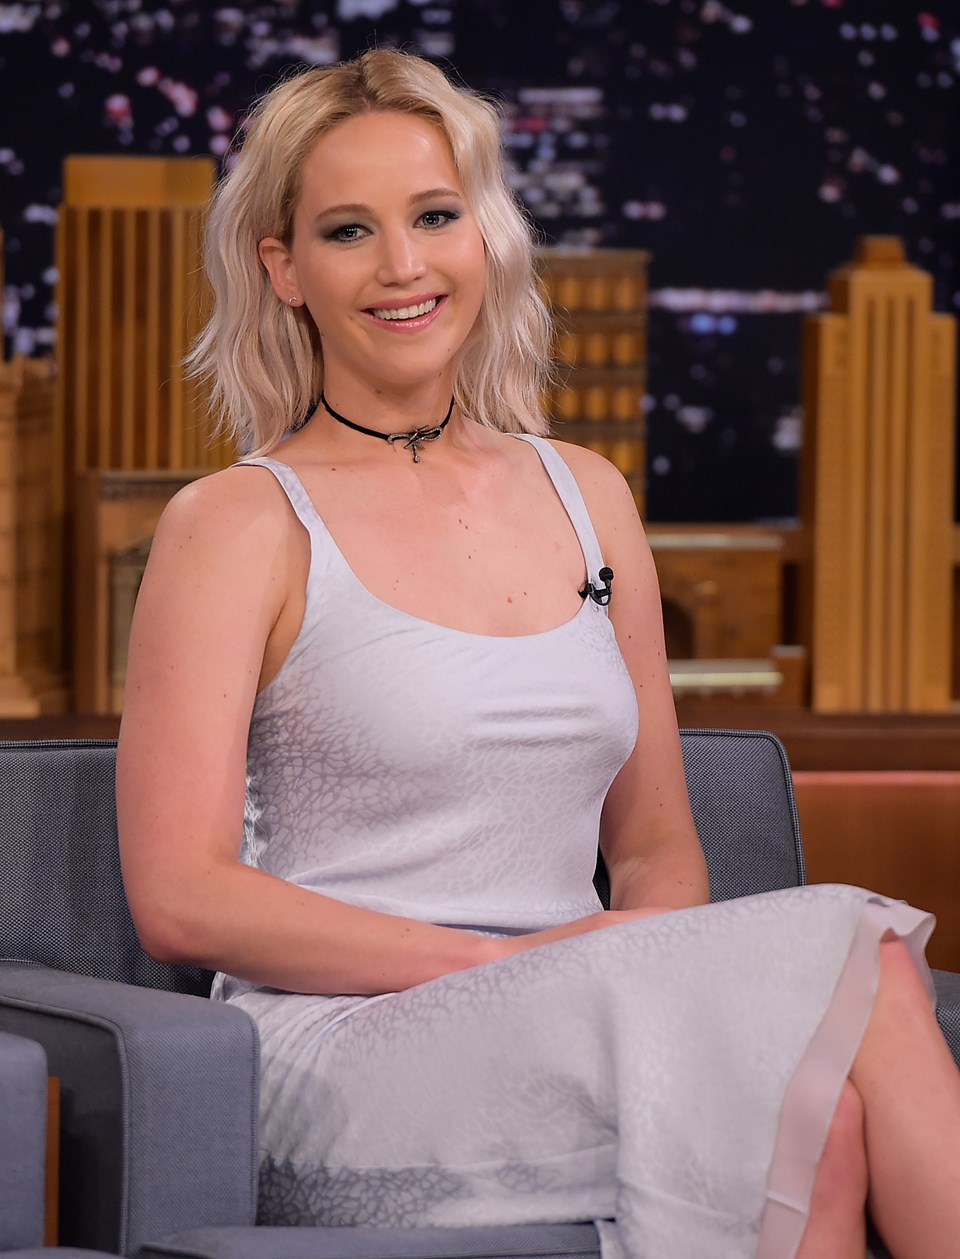 Jennifer Lawrencetan kalçasıyla öldürmeye teşebbüs